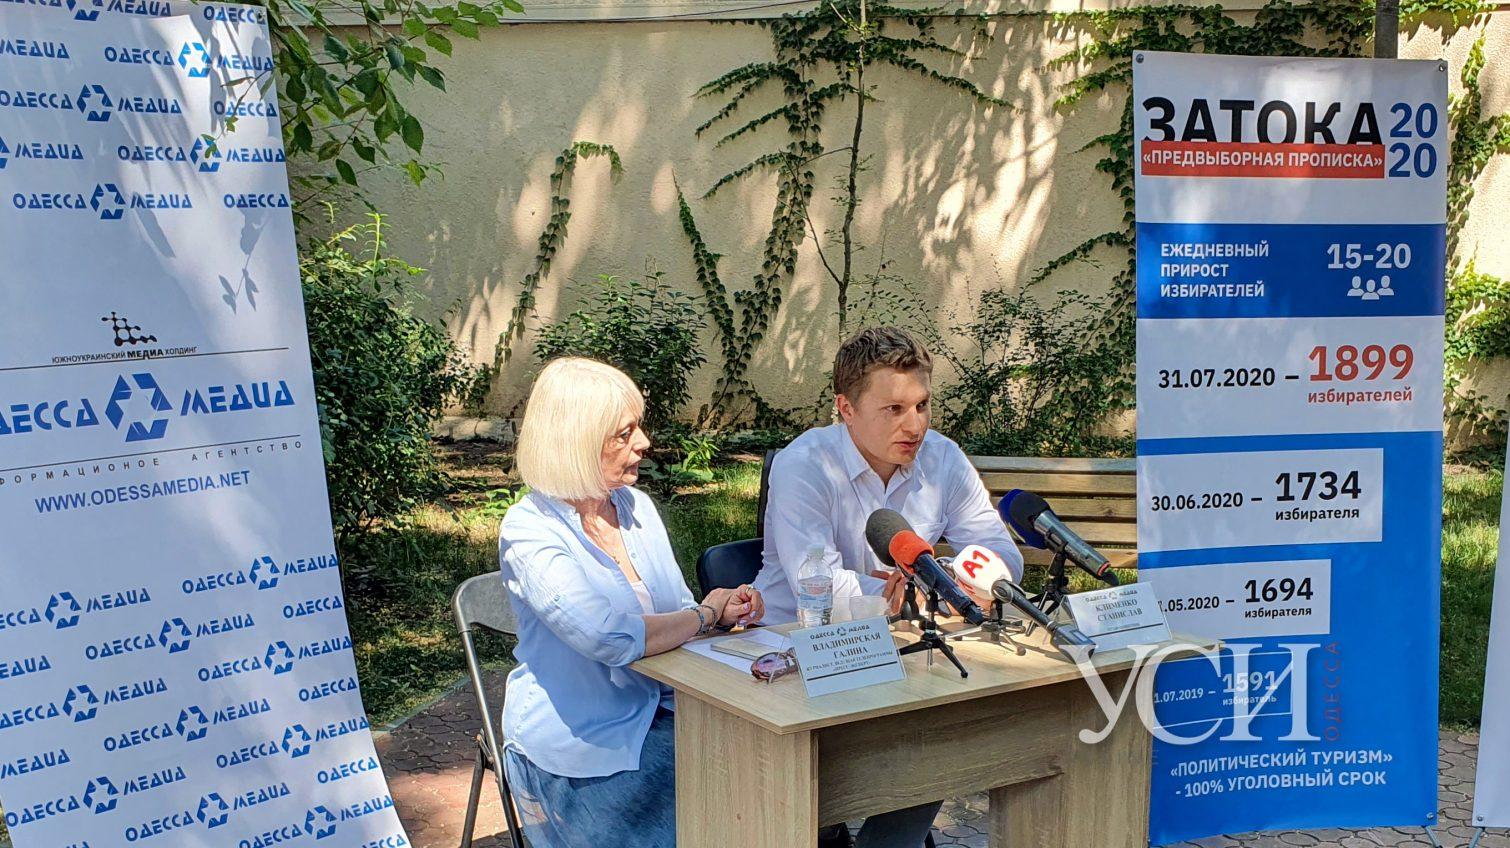 В Затоке массово регистрируются «новые избиратели» на местные выборы (фото) «фото»